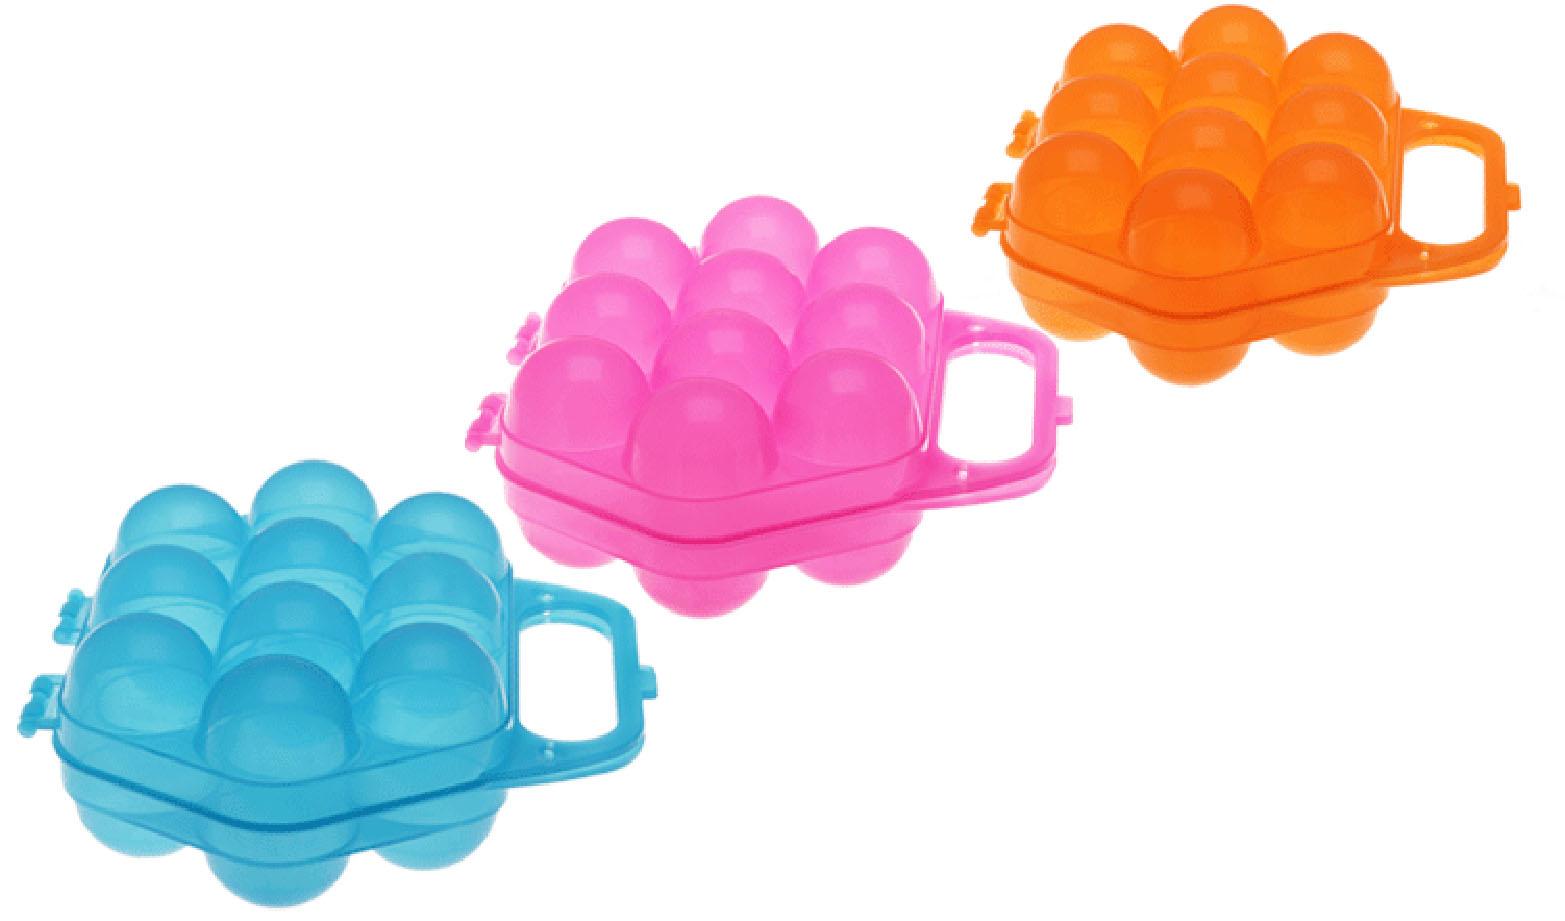 Контейнер для яиц на 10шт. контейнер термоизоляционный на украине